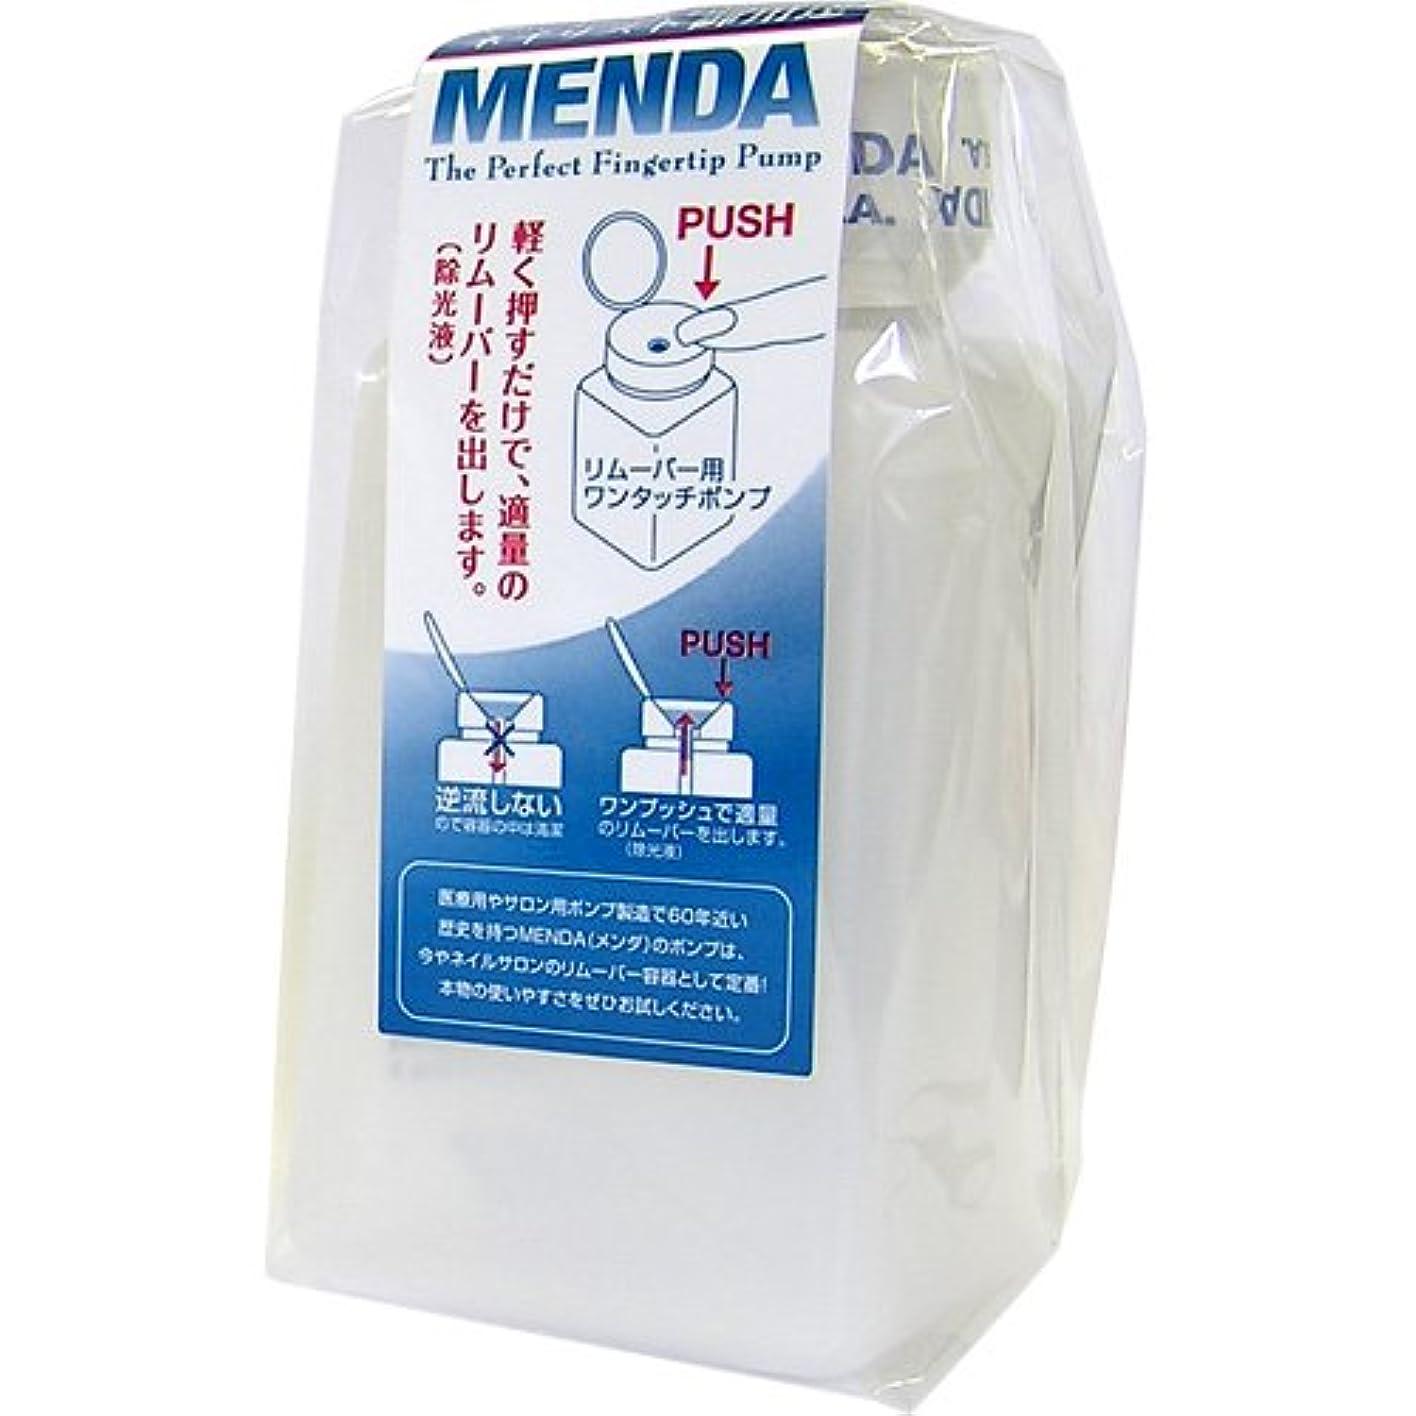 フィードオン広いデモンストレーションメンダ<MENDA>リムーバー用ワンタッチポンプ180ml(6oz)